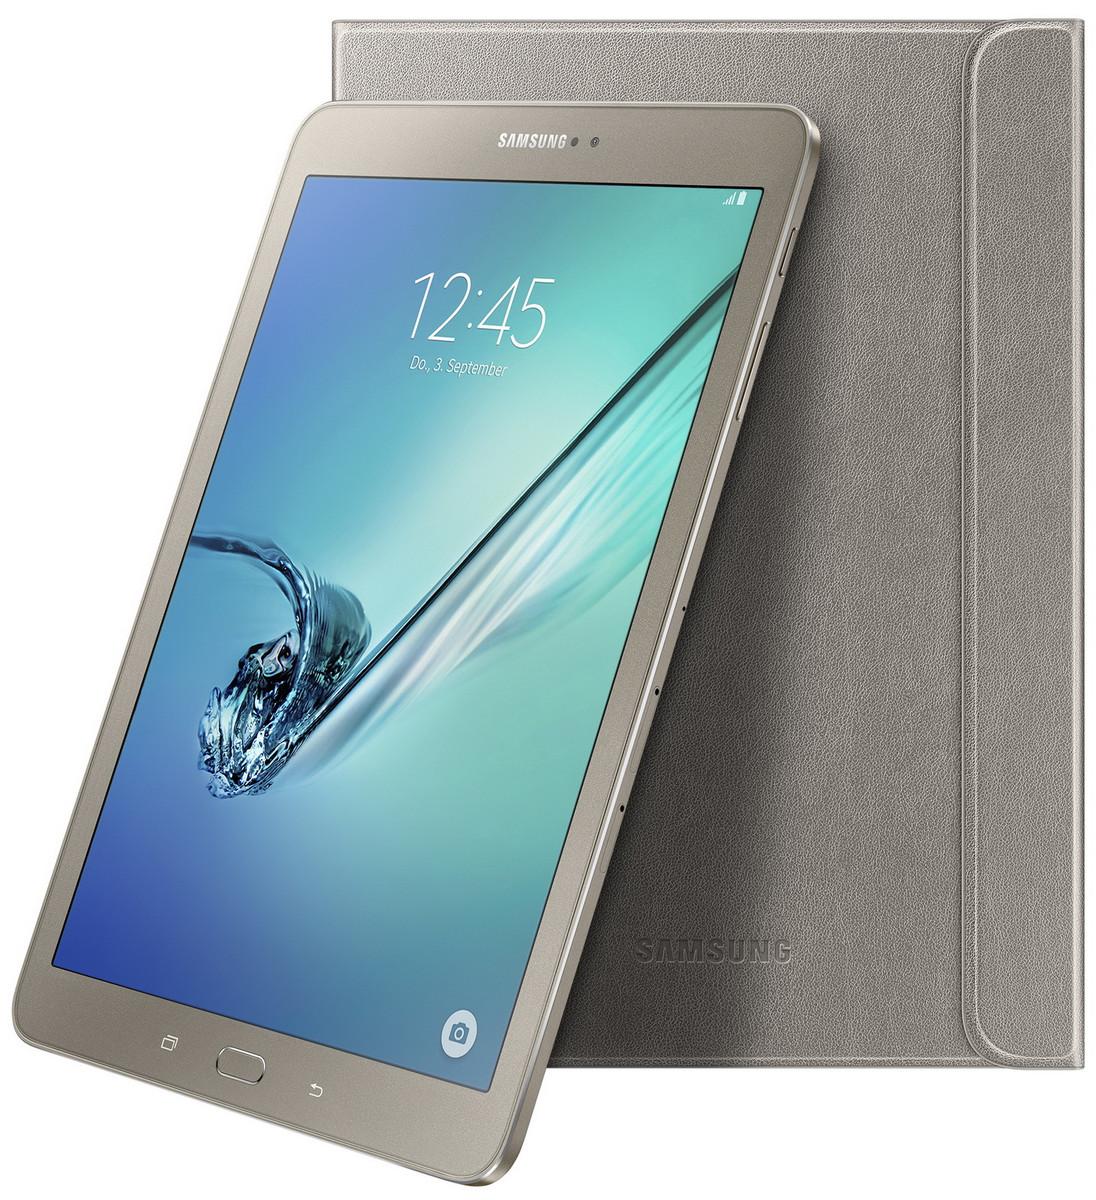 Samsung Galaxy Tab S2 9.7: Jetzt auch im Gold-Look mit ...